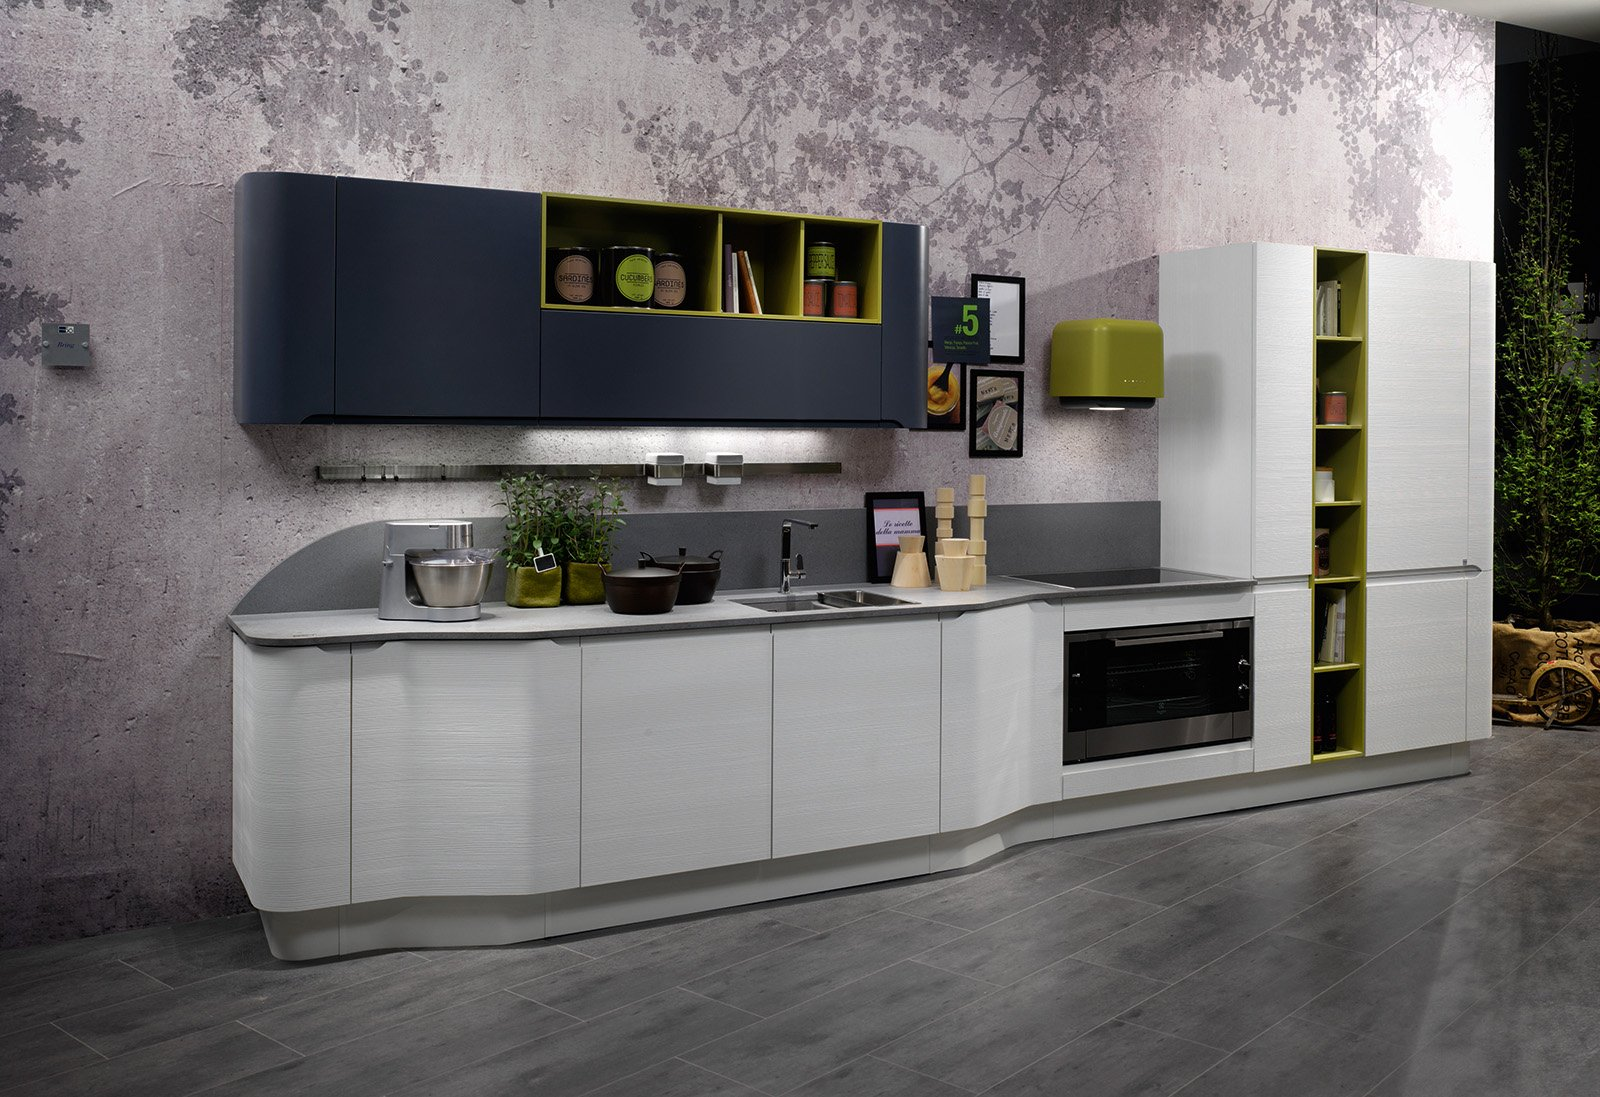 Elegant un sistema entrylevel solo nel prezzo che risolve luambiente cucina in accordo con gusti - Cucine stosa opinioni ...